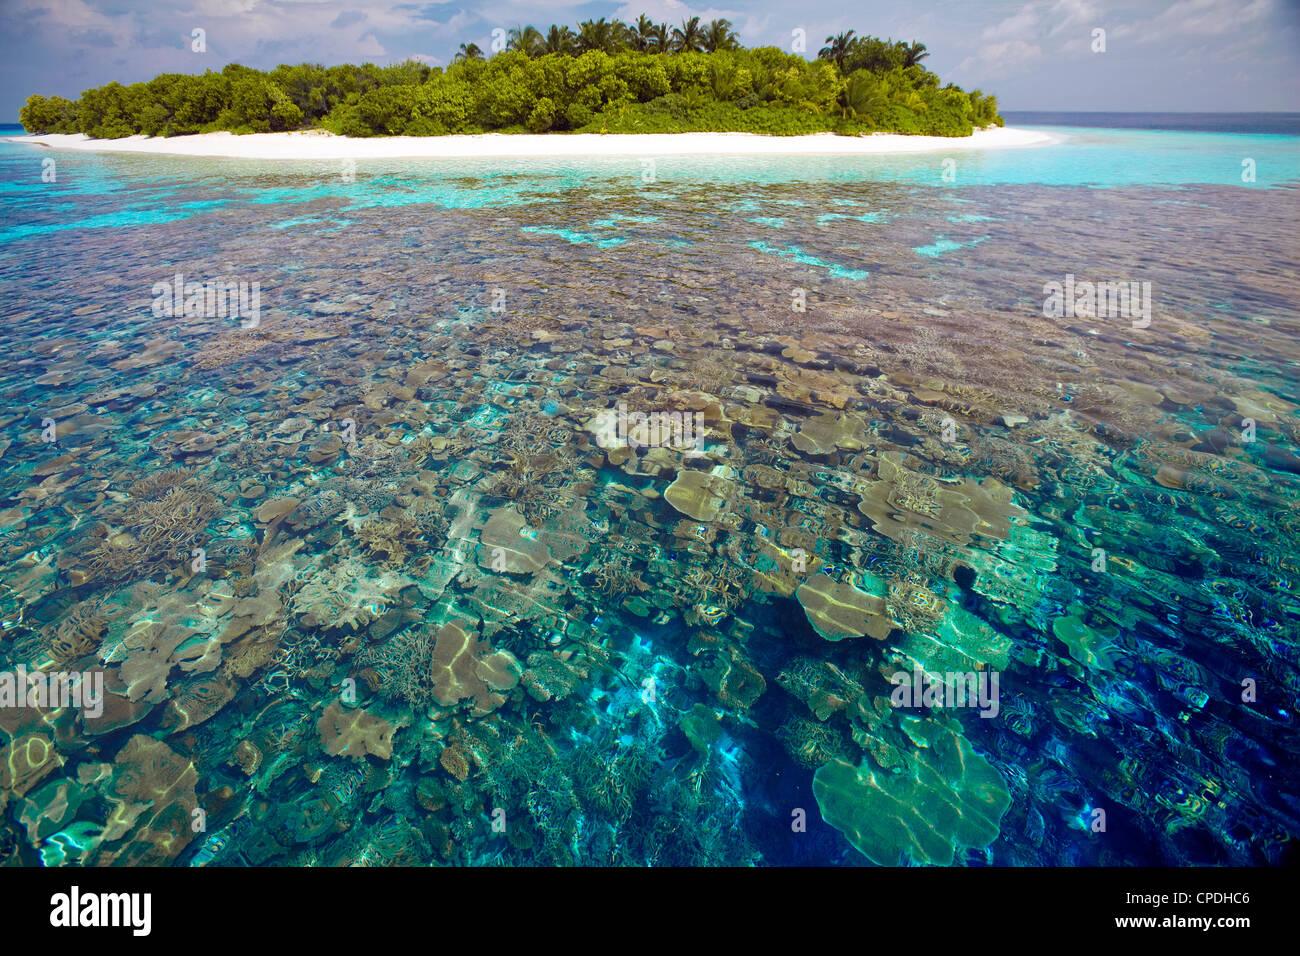 Plaques de corail, le lagon et l'île tropicale, Maldives, océan Indien, Asie Banque D'Images